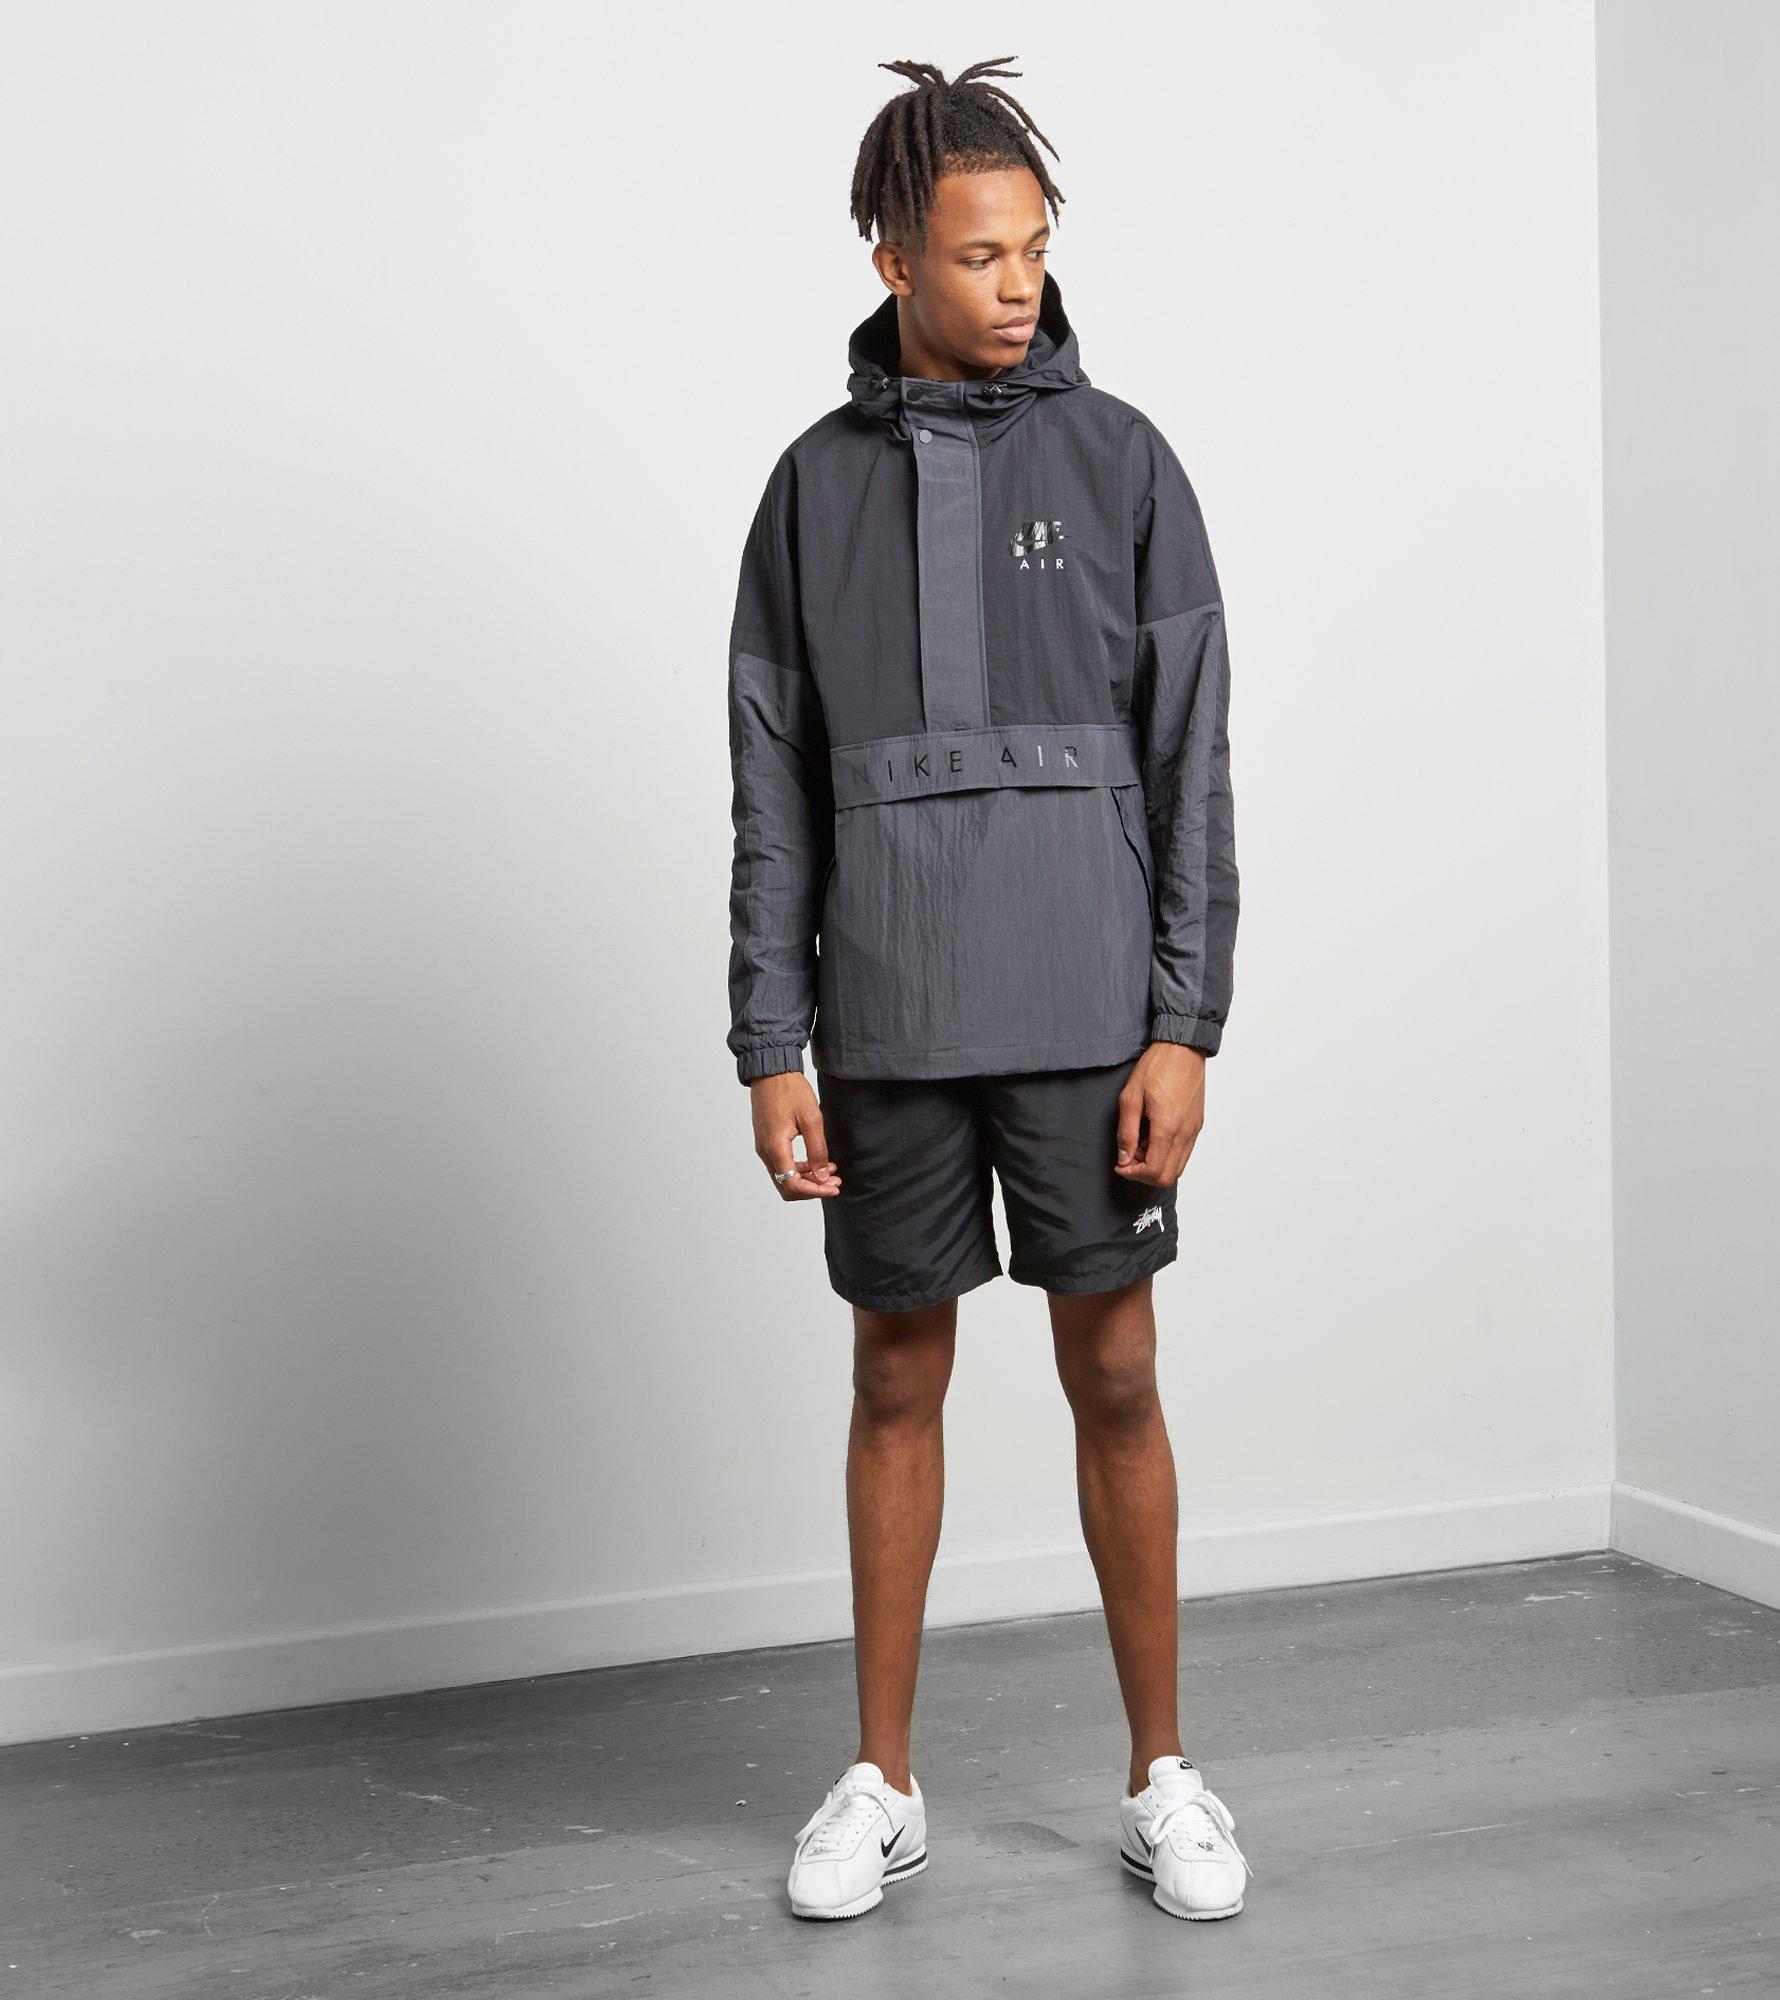 ac3743c32811d2 Nike Air Half-zip Jacket in Black for Men - Lyst